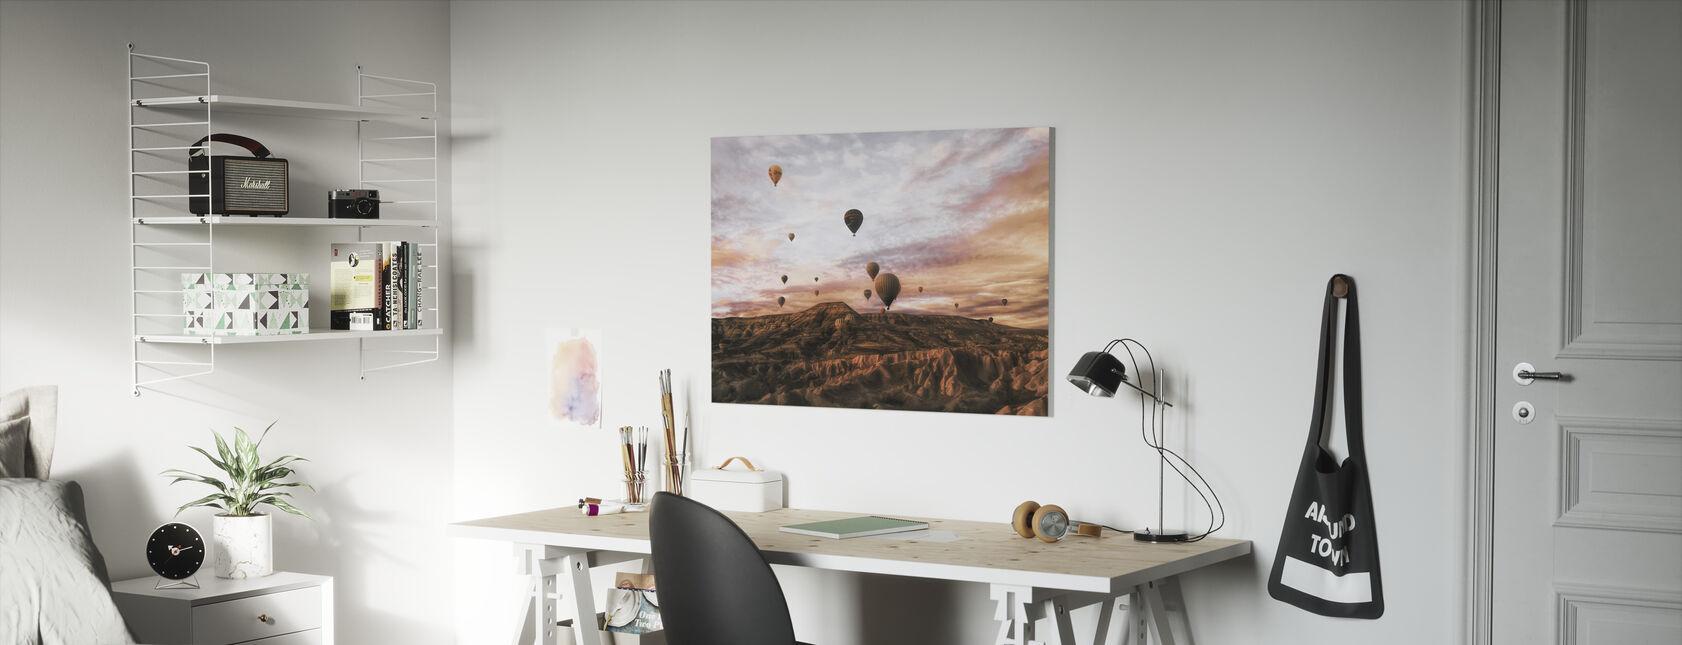 Cappodocia Hot Air Balloon - Canvas print - Kids Room